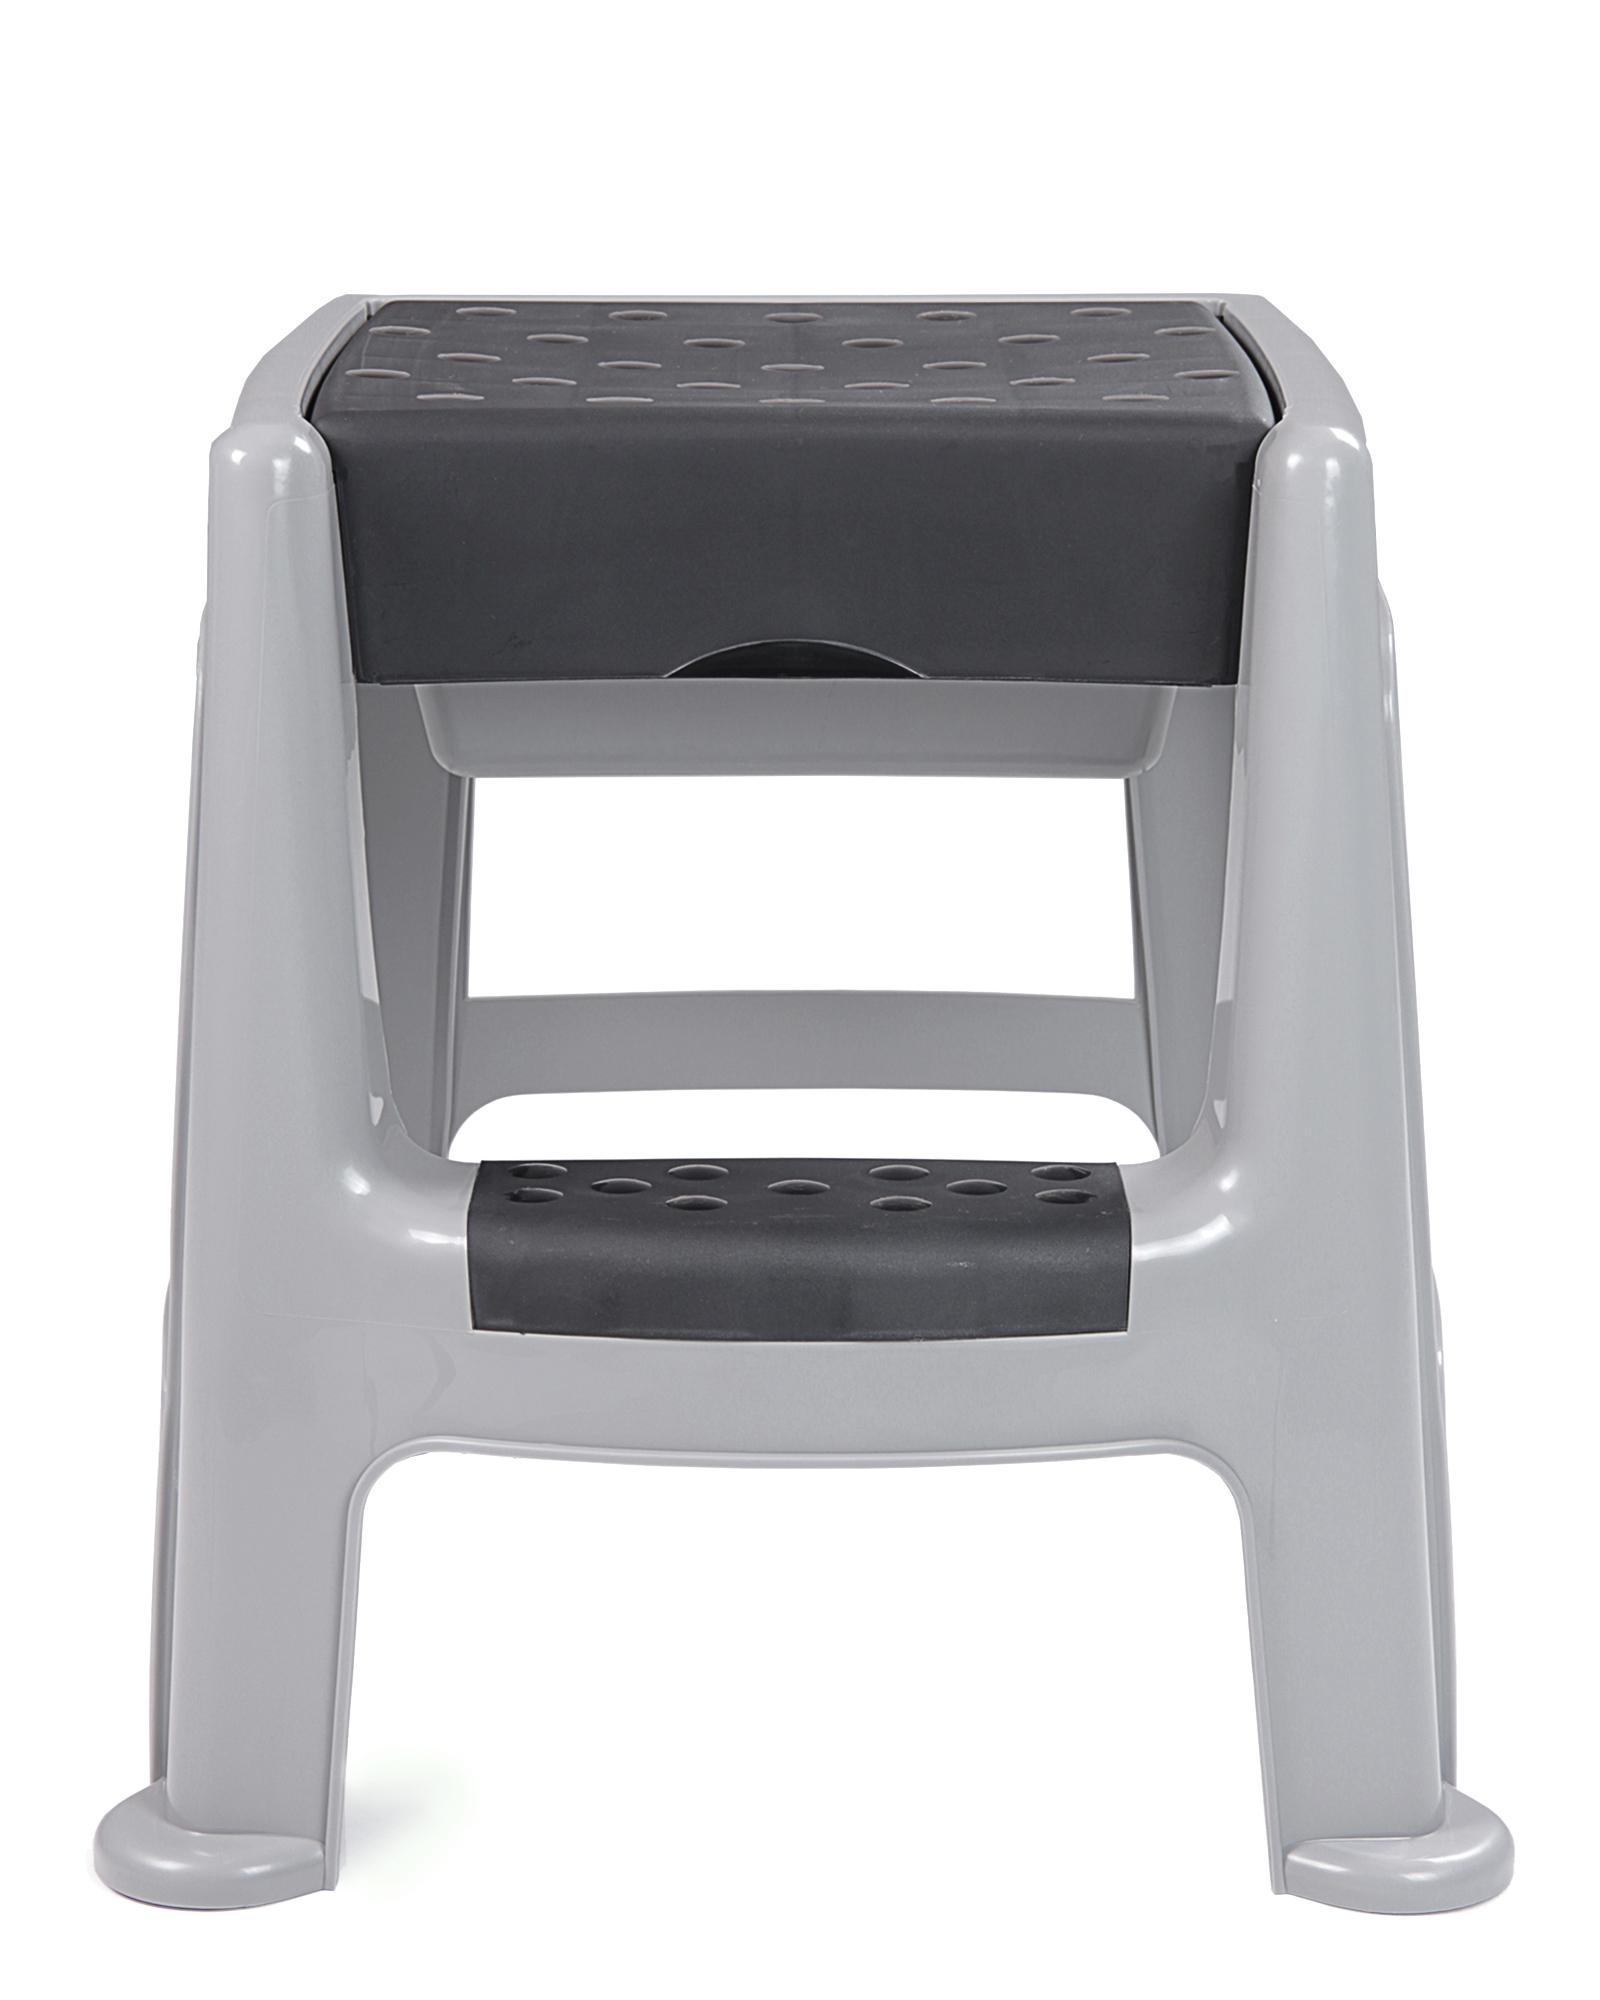 hocker sitzhocker badhocker mit trittleiter stapelbar mit staufach bis 150 kg ebay. Black Bedroom Furniture Sets. Home Design Ideas